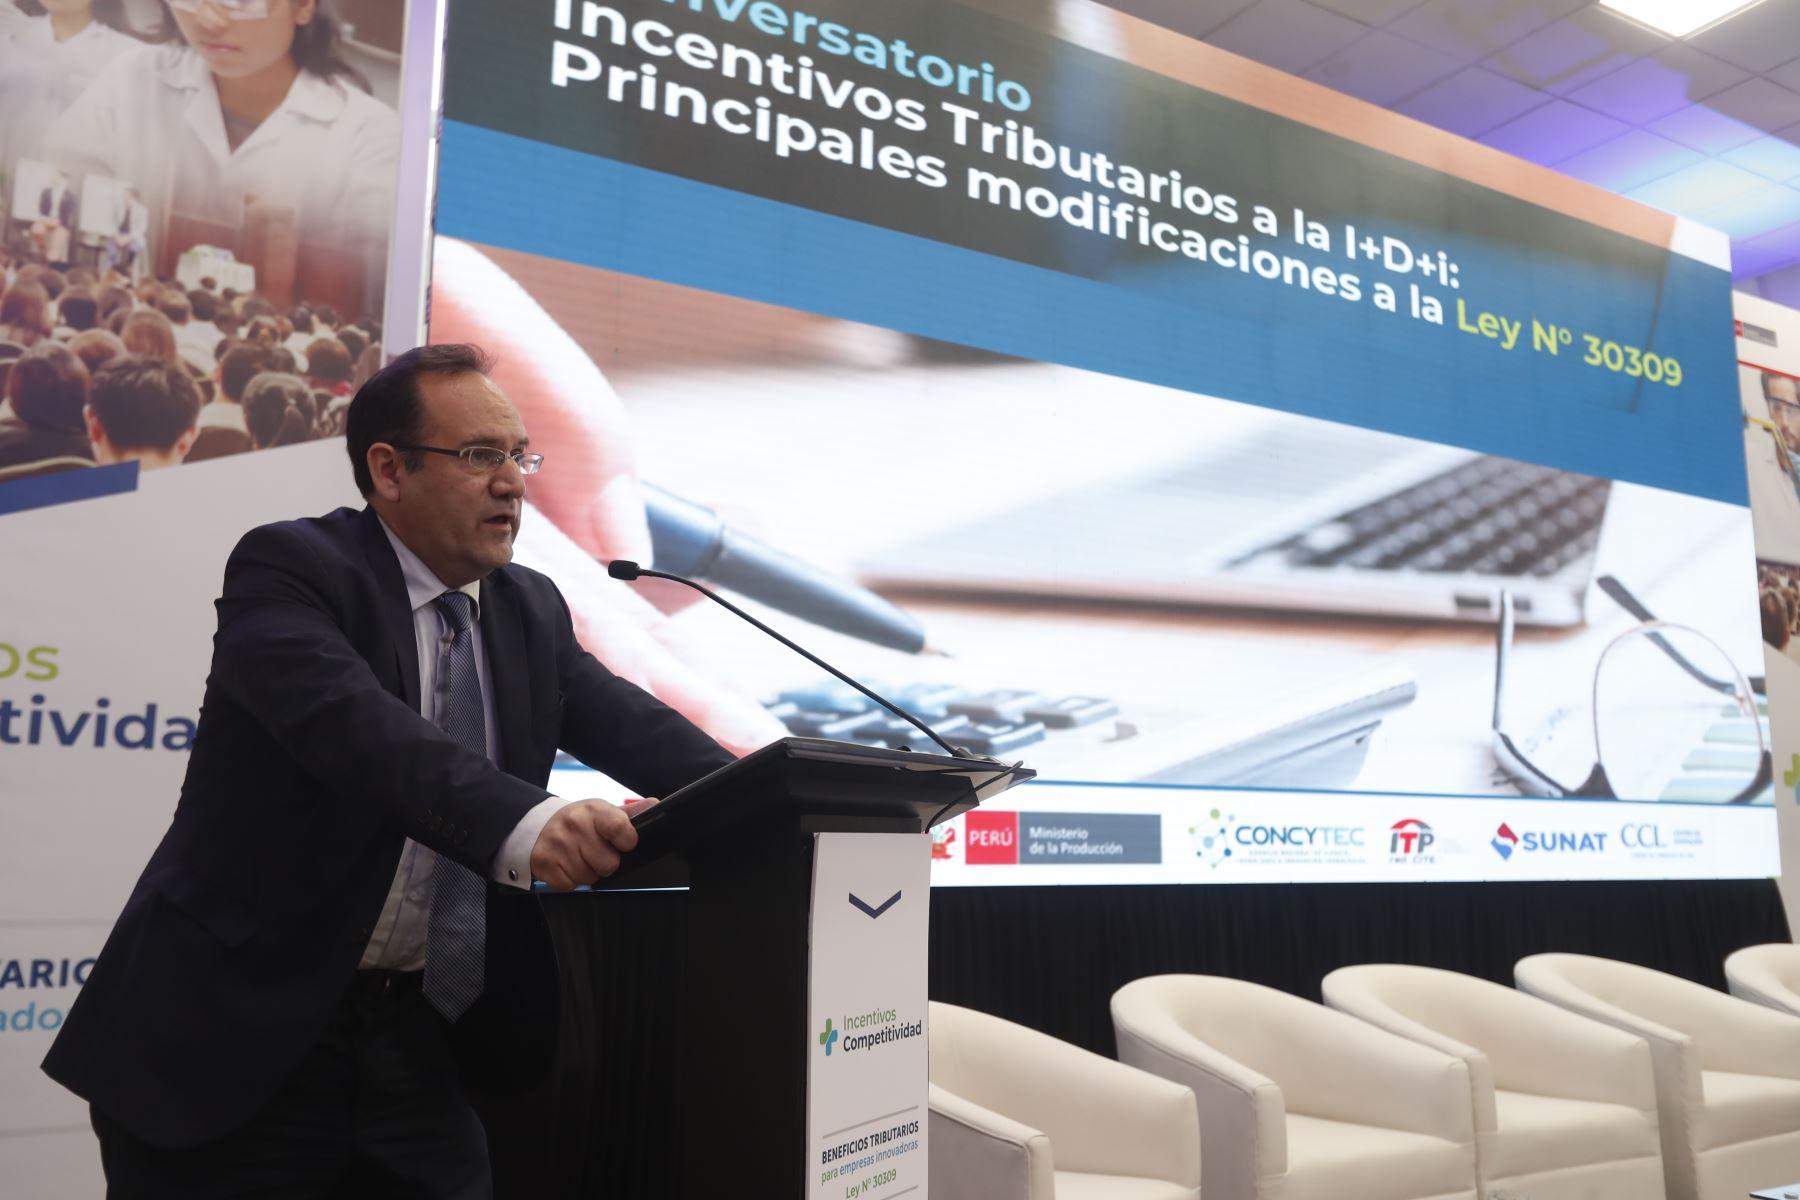 Viceministro de de Producción José Antonio Salardi. Foto: ANDINA/Renato Pajuelo